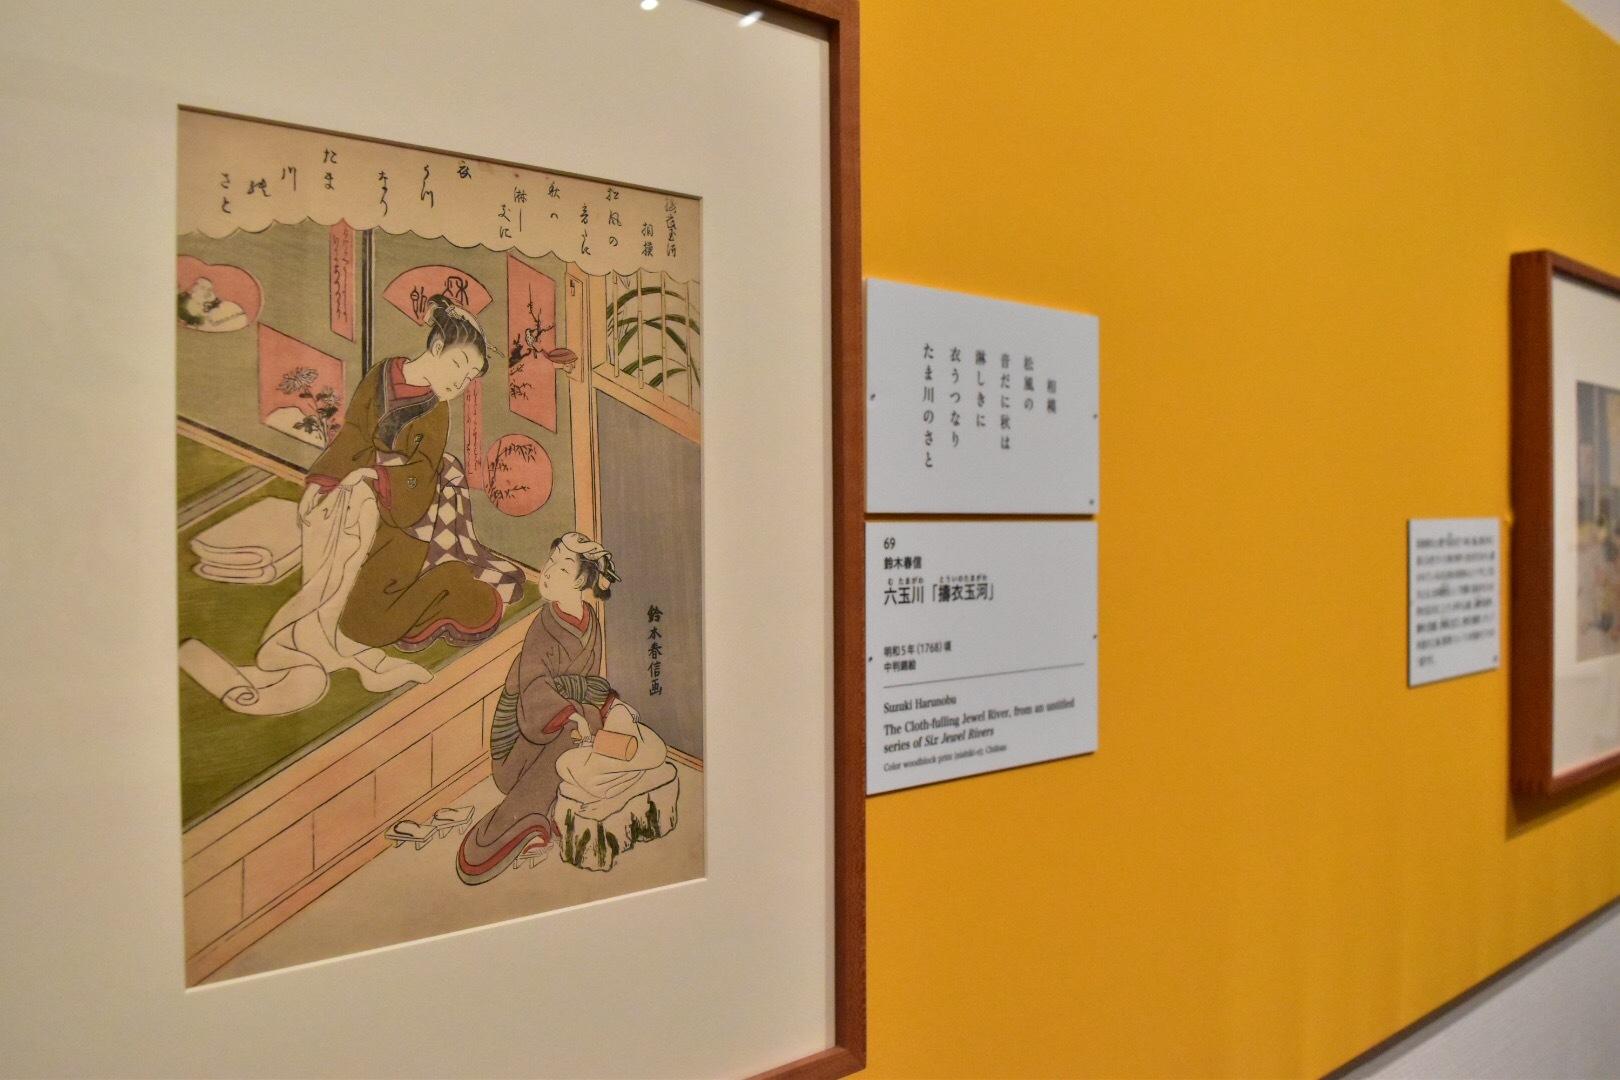 鈴木春信 《六玉川「擣衣玉河」》 明和5年(1768)頃 中判錦絵